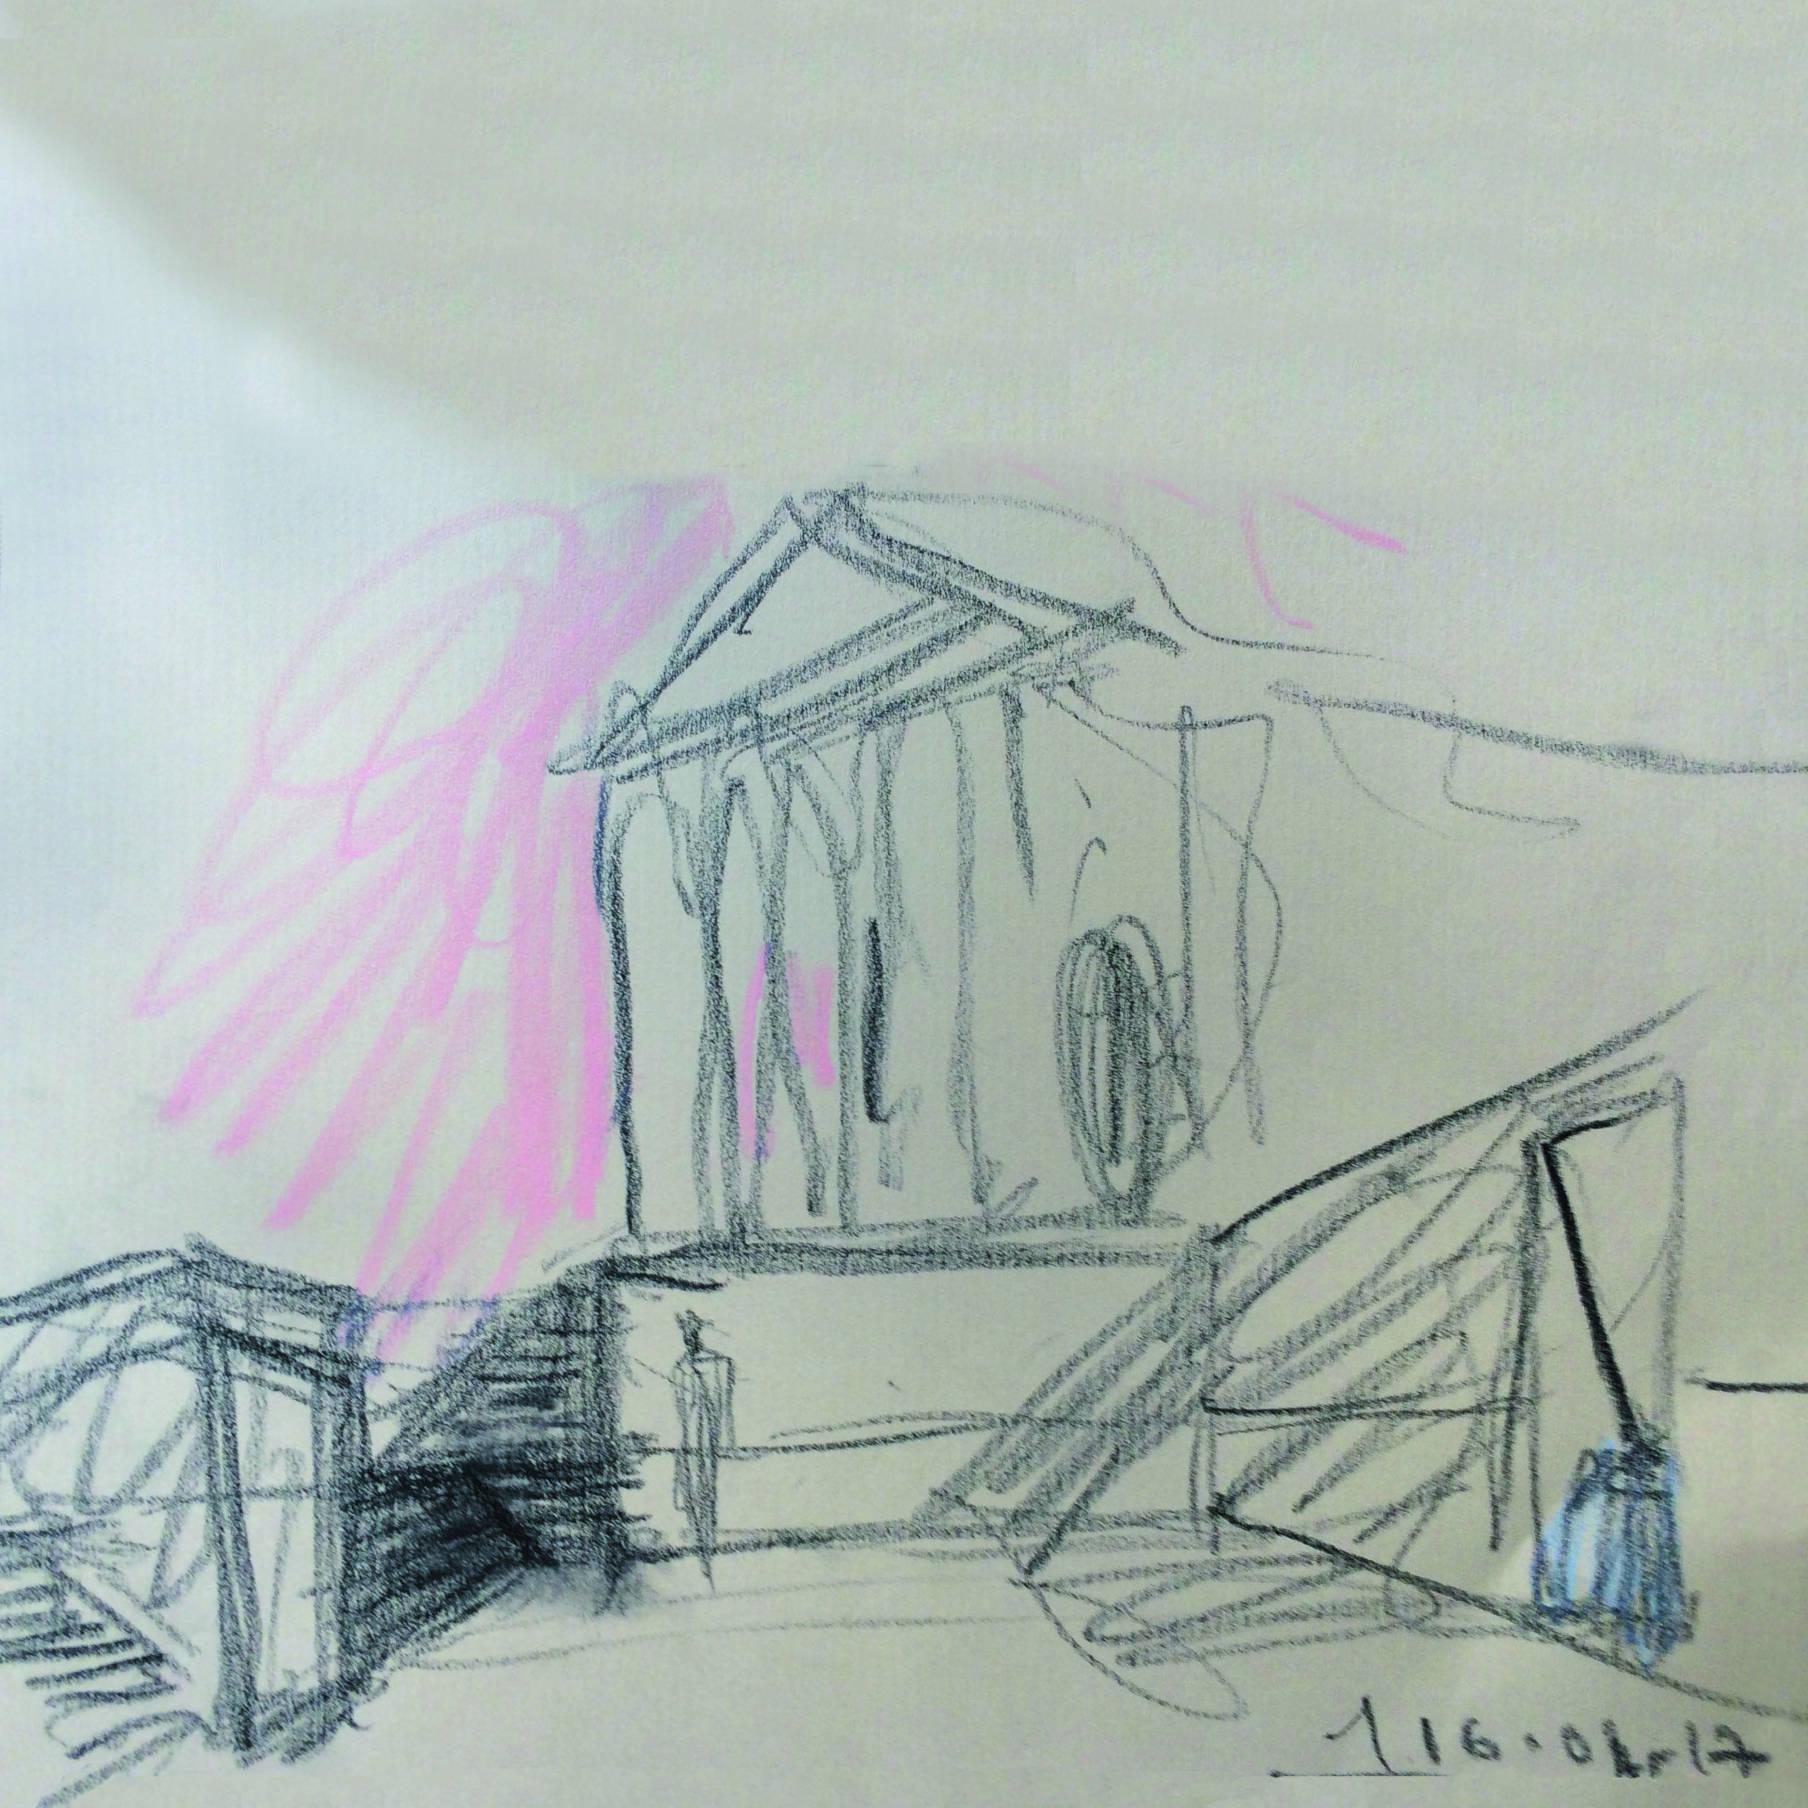 Schizzo progetto piazza Duomo Treviso